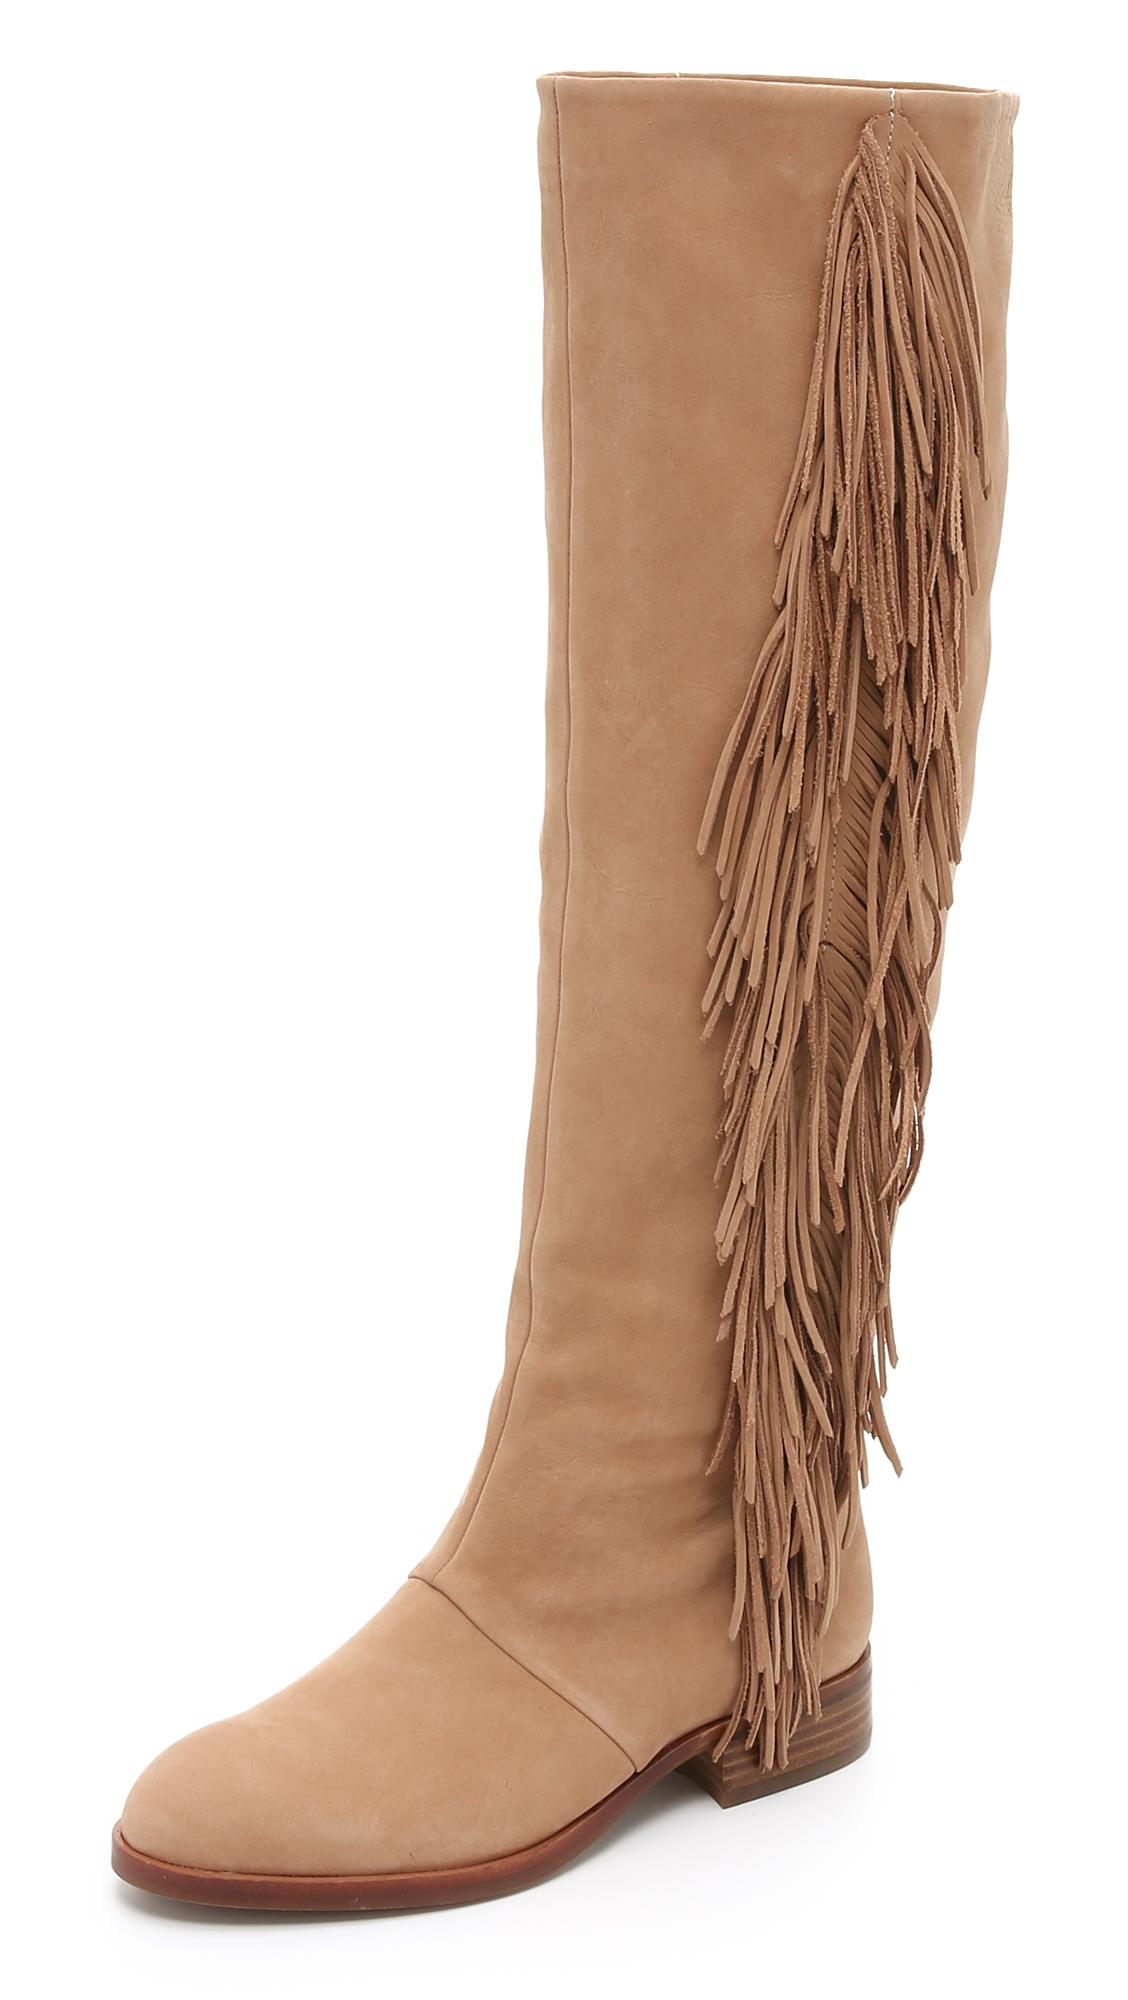 8713fce38dd29 Lyst - Sam Edelman Josephine Fringe Boots in Brown